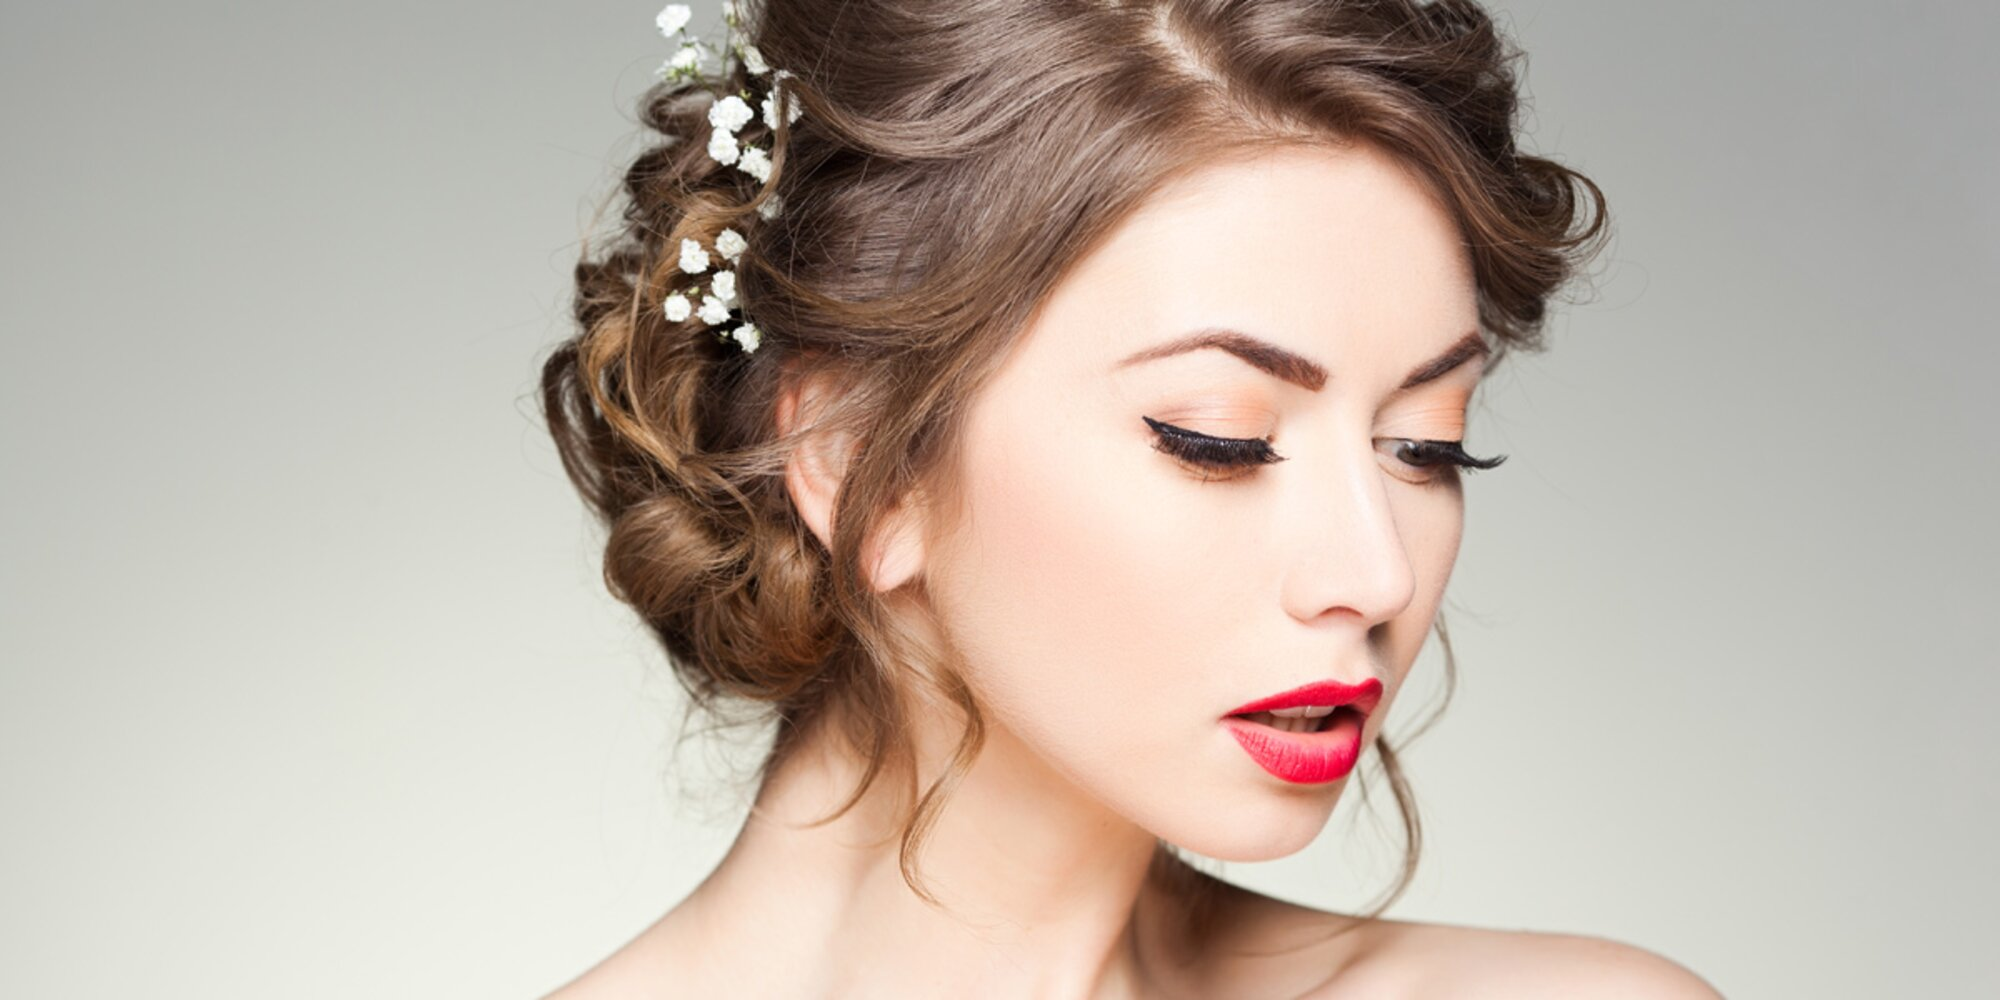 Прическа макияж на фото